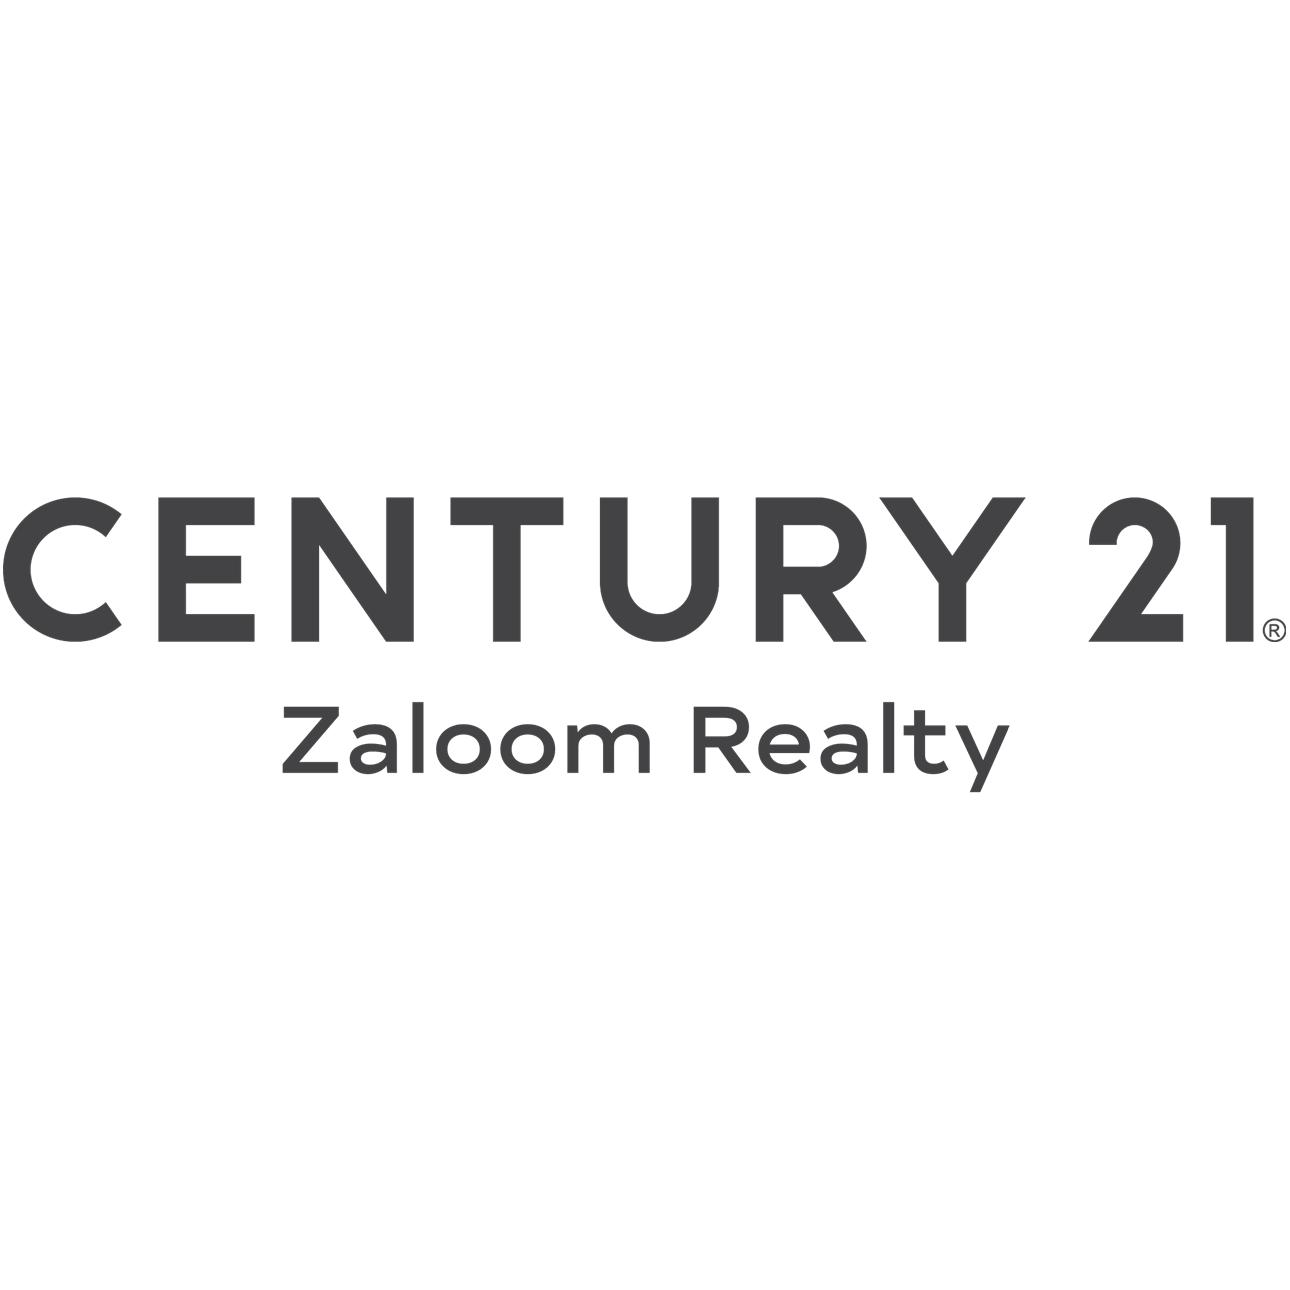 CENTURY21 Zaloom Realty